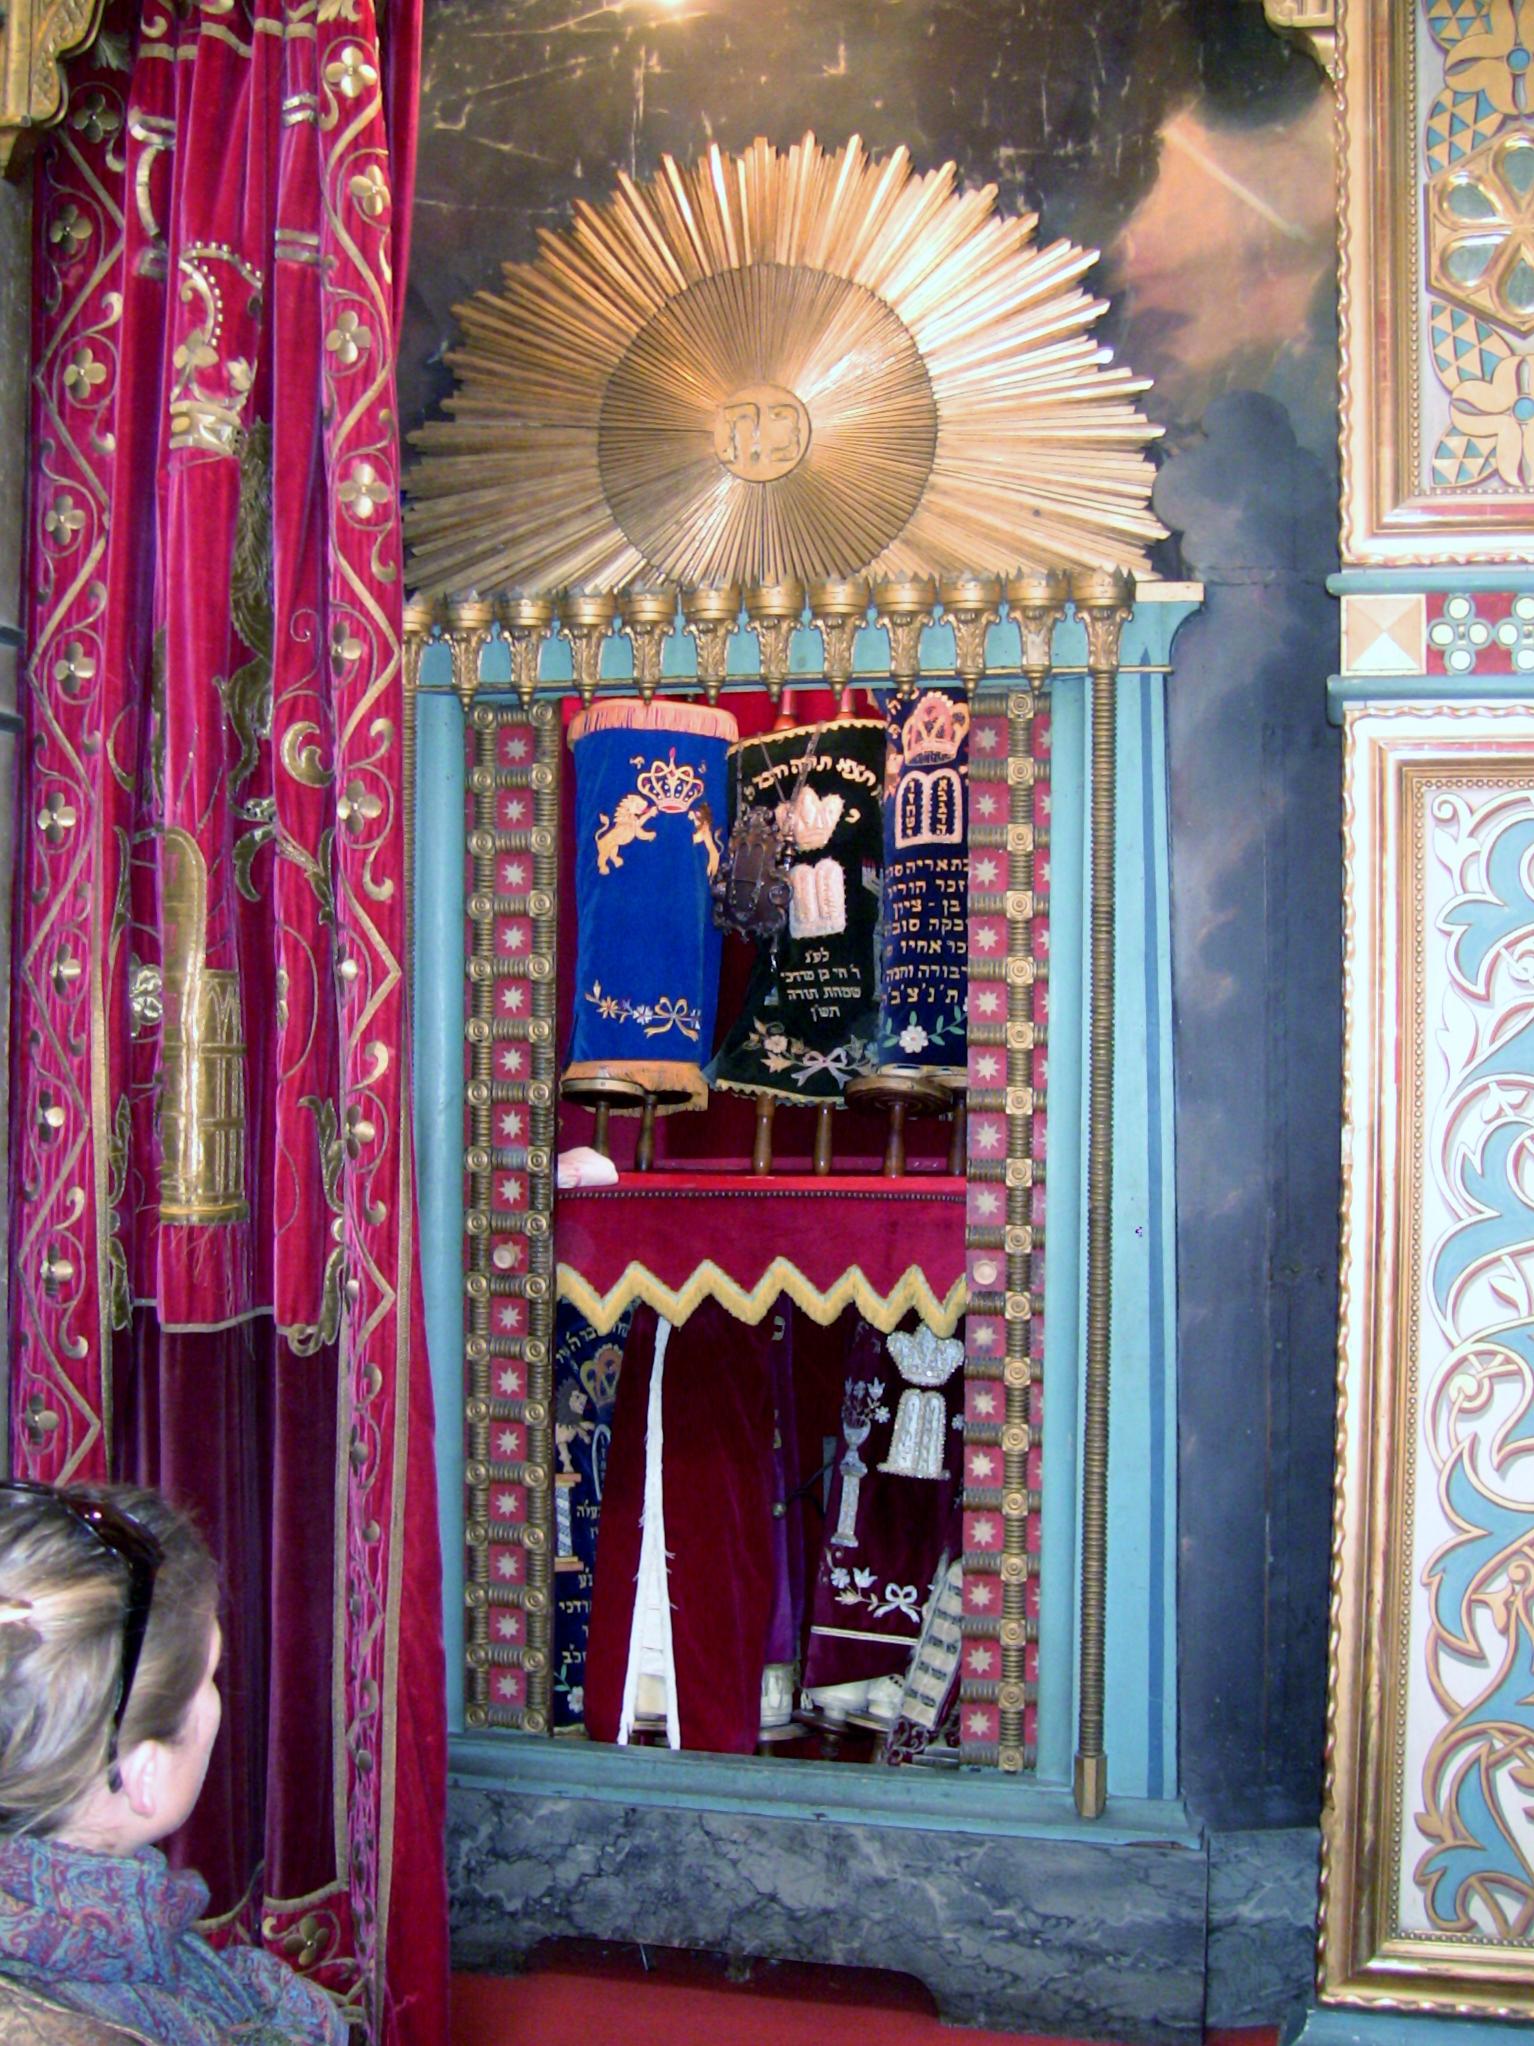 fichier:synagogue de besançon - arche sainte intérieur — wikipédia